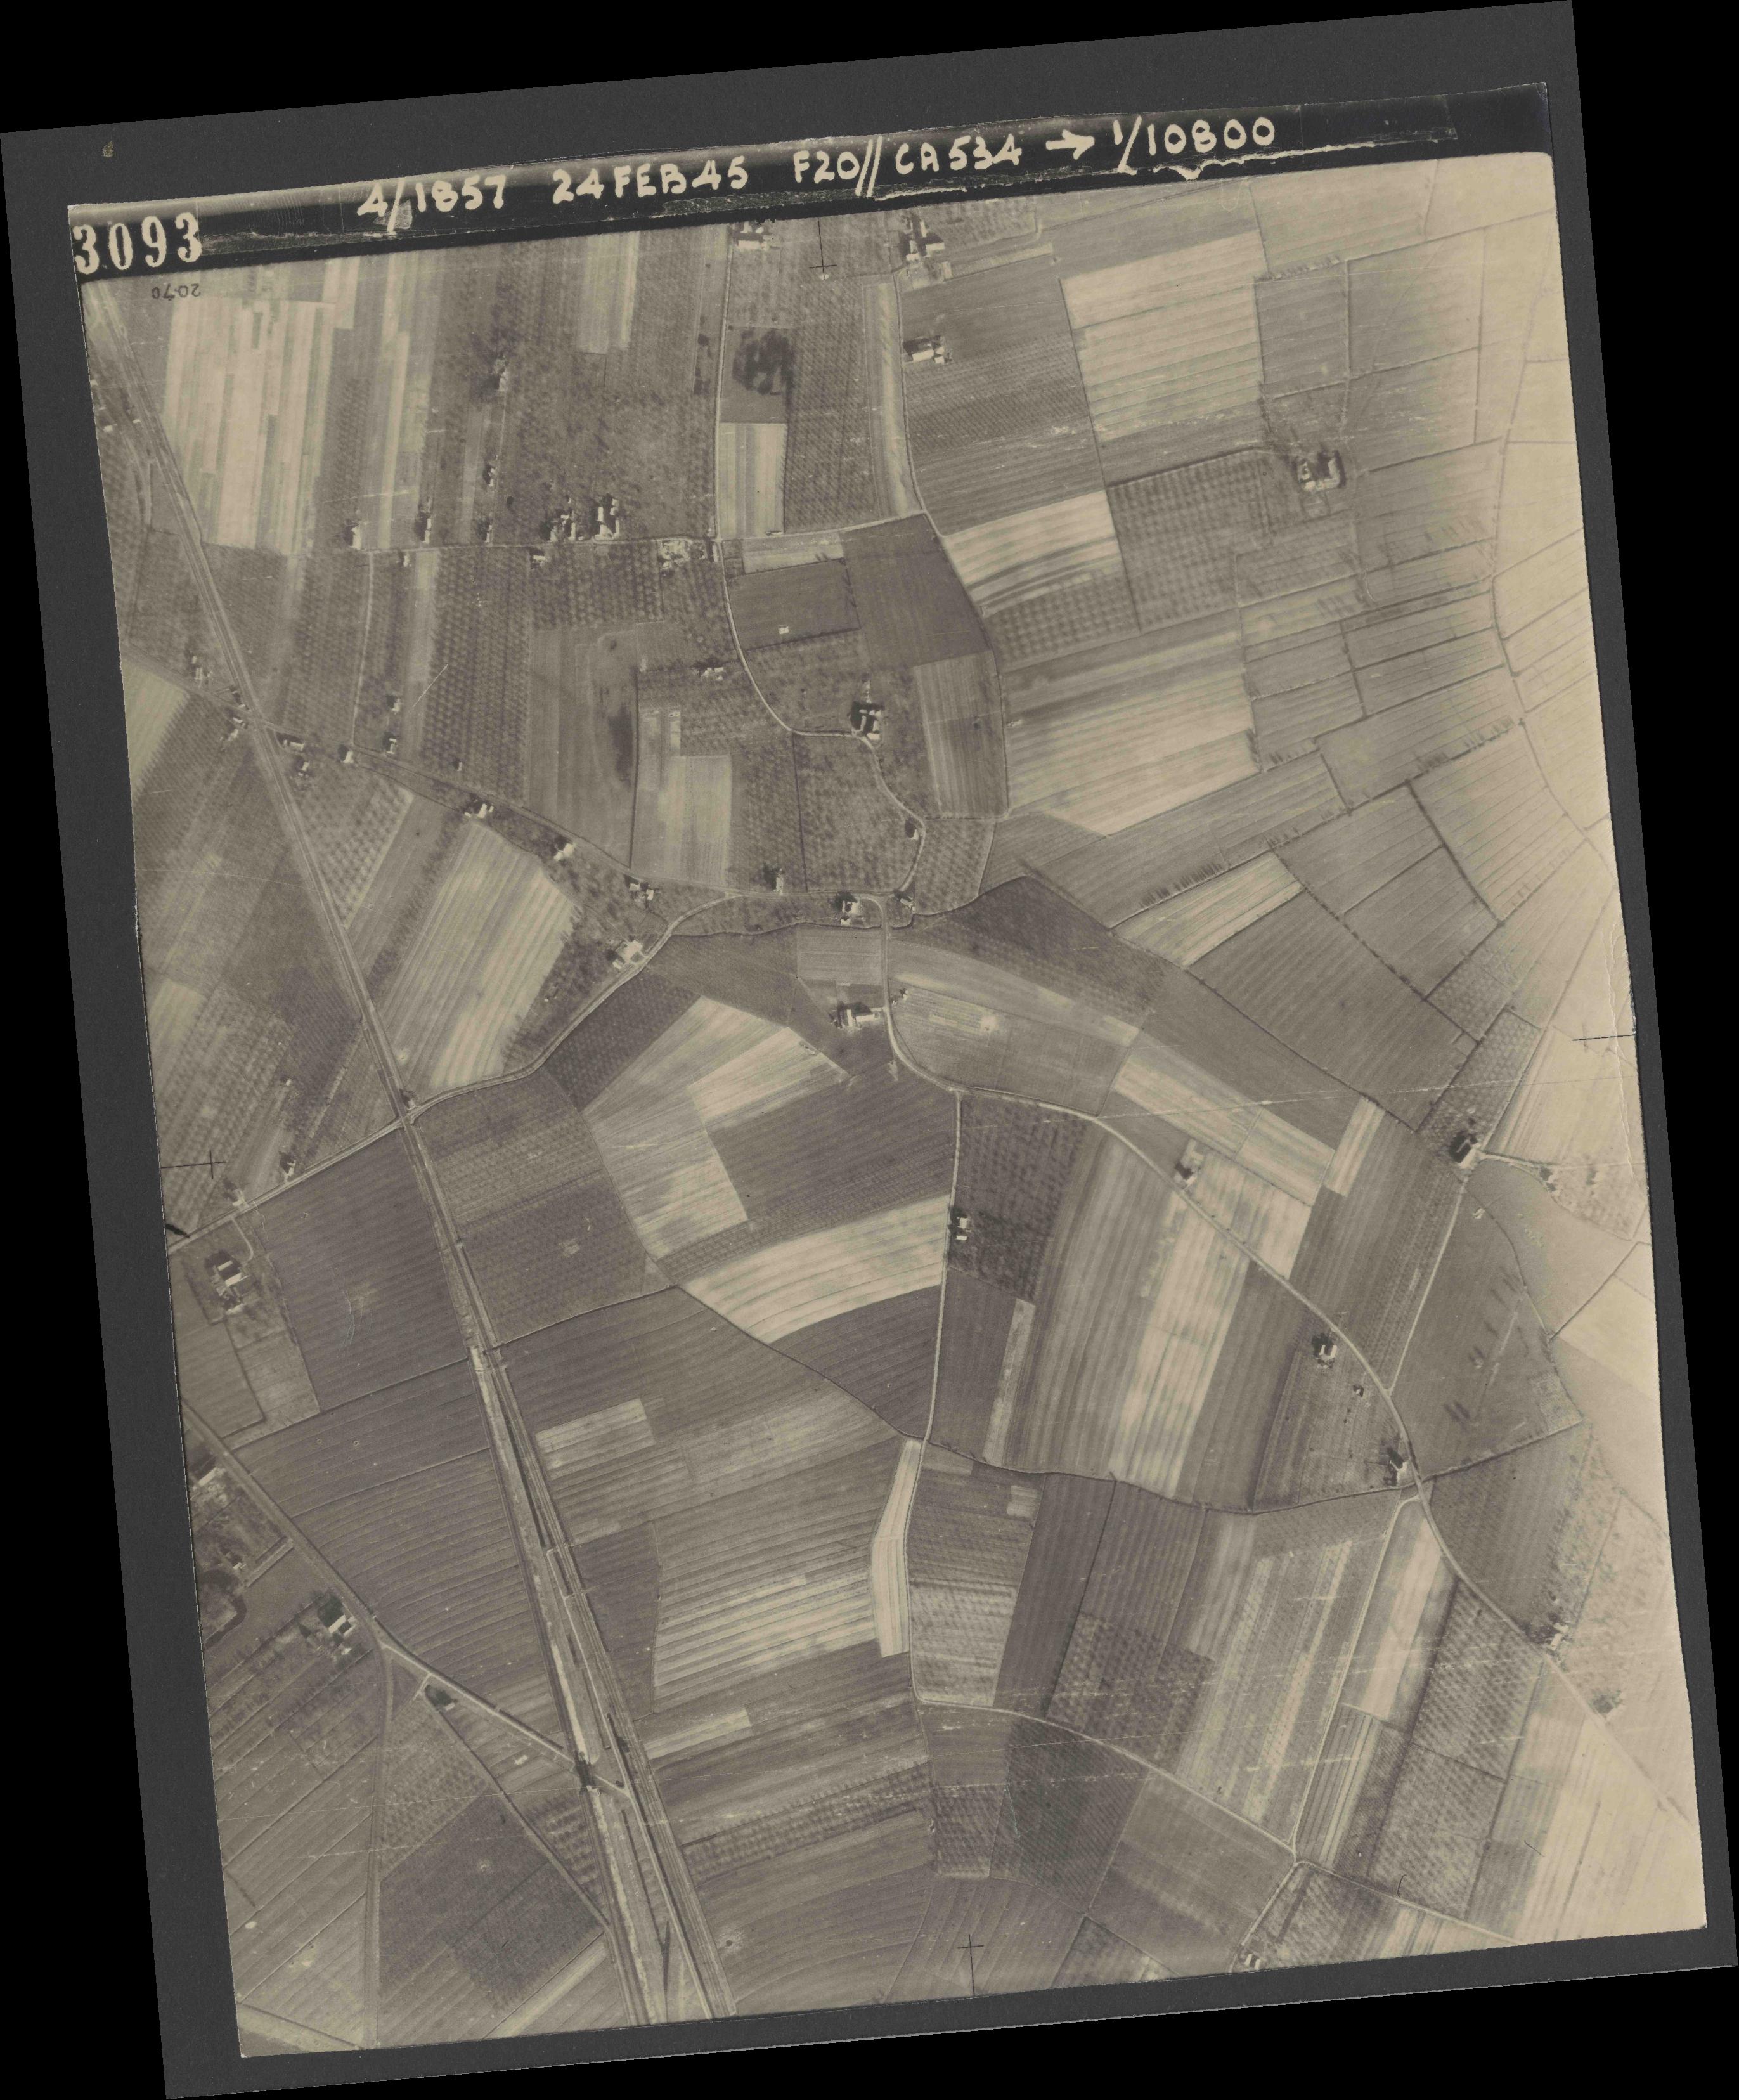 Collection RAF aerial photos 1940-1945 - flight 073, run 02, photo 3093